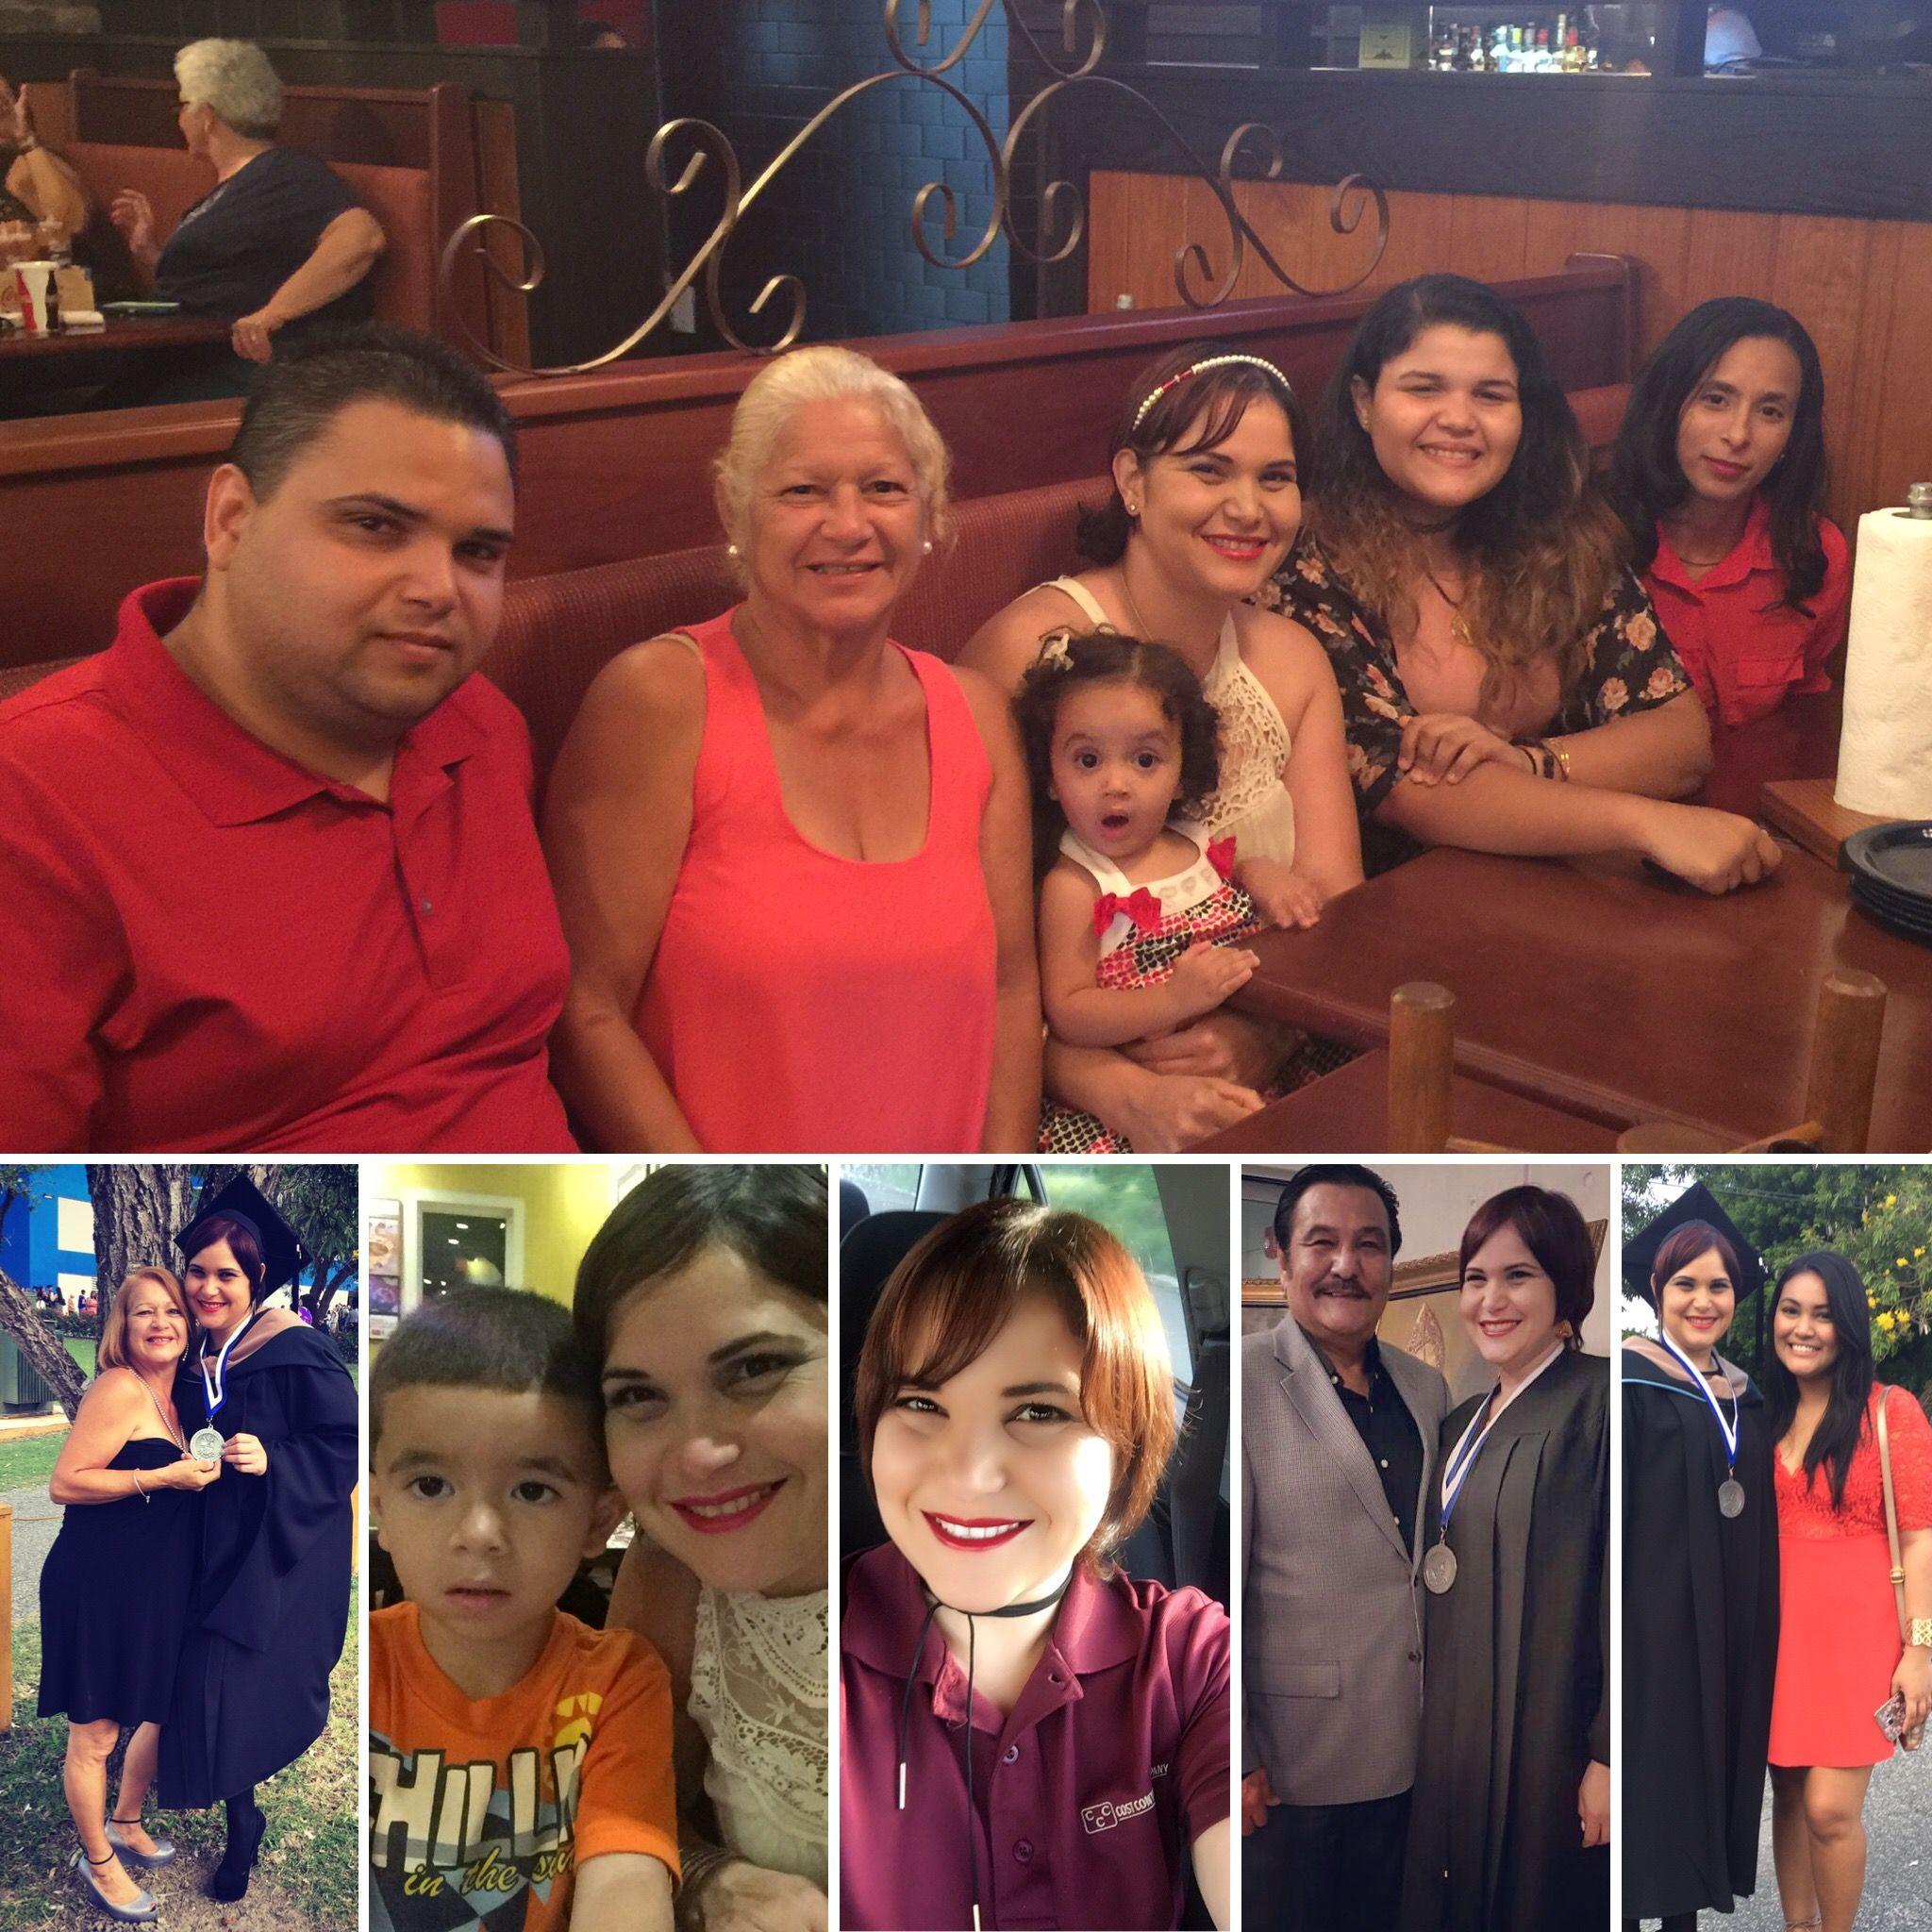 Mi familia y yo. <3 <3 <3 Agradezco cada día al Señor por mi vida y la bendición de ser parte de esta familia.